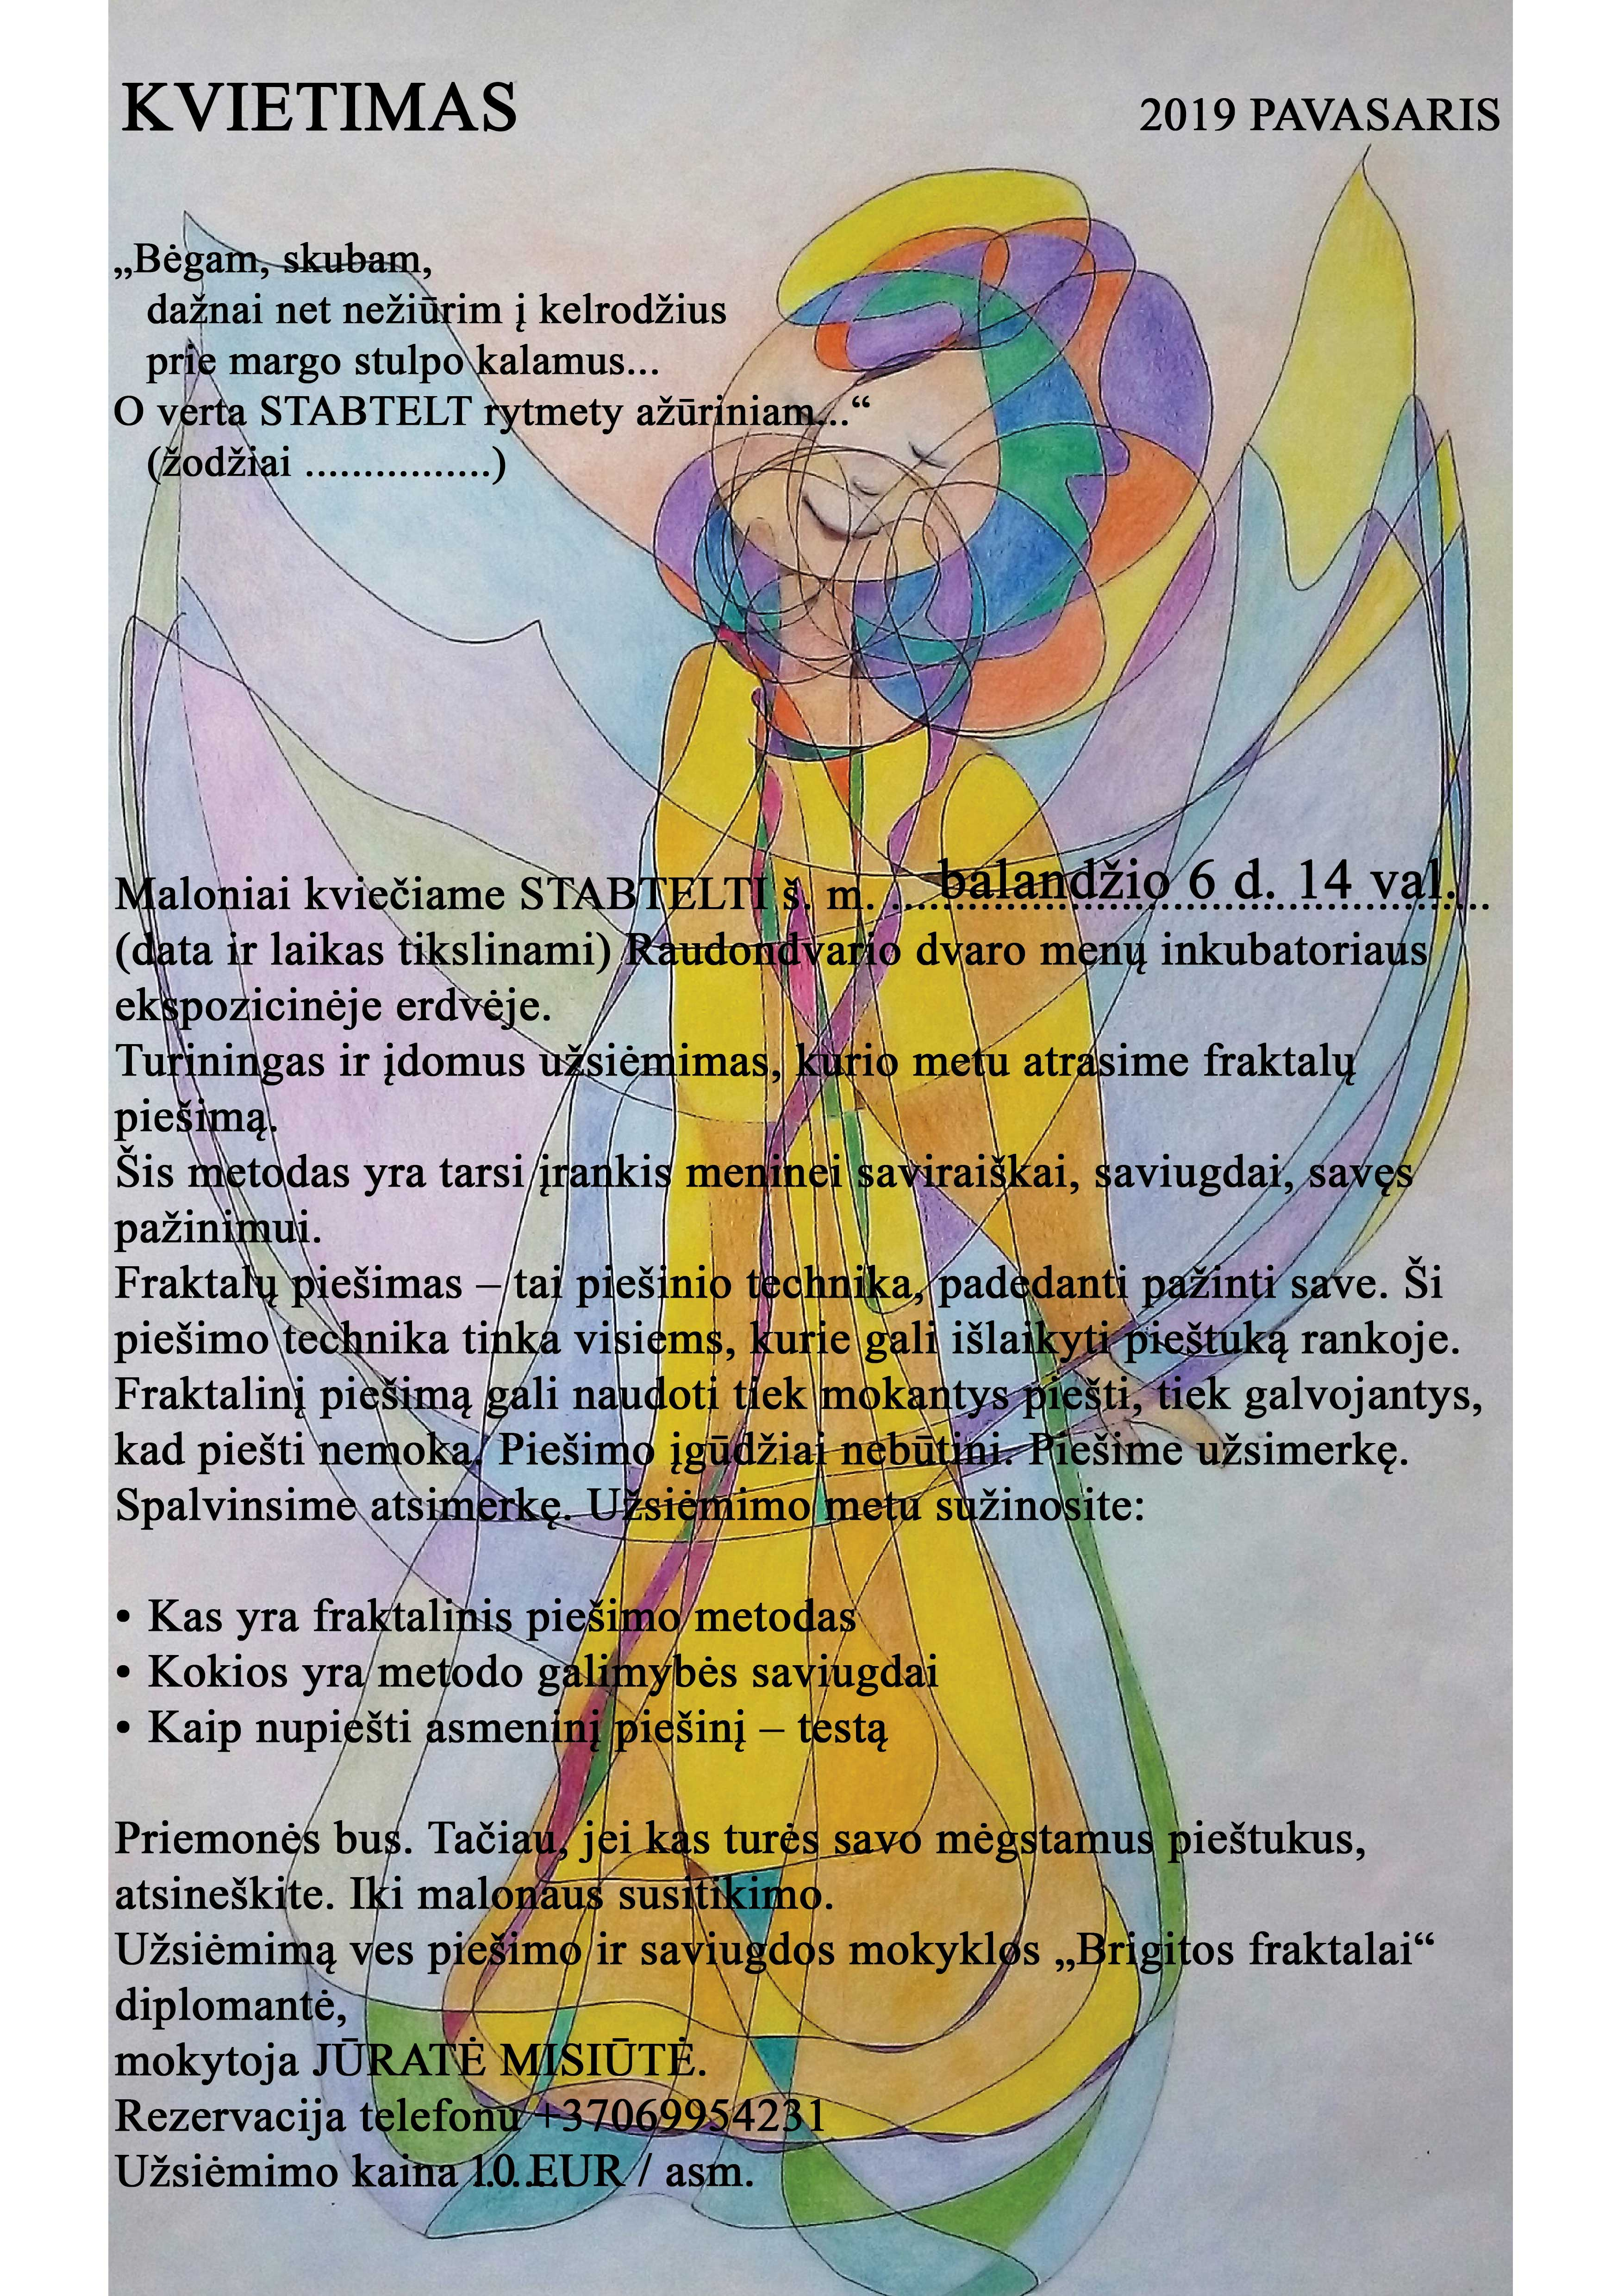 Balandžio 6 d. 14 val. kviečiame mokytis fraktalų piešimo!